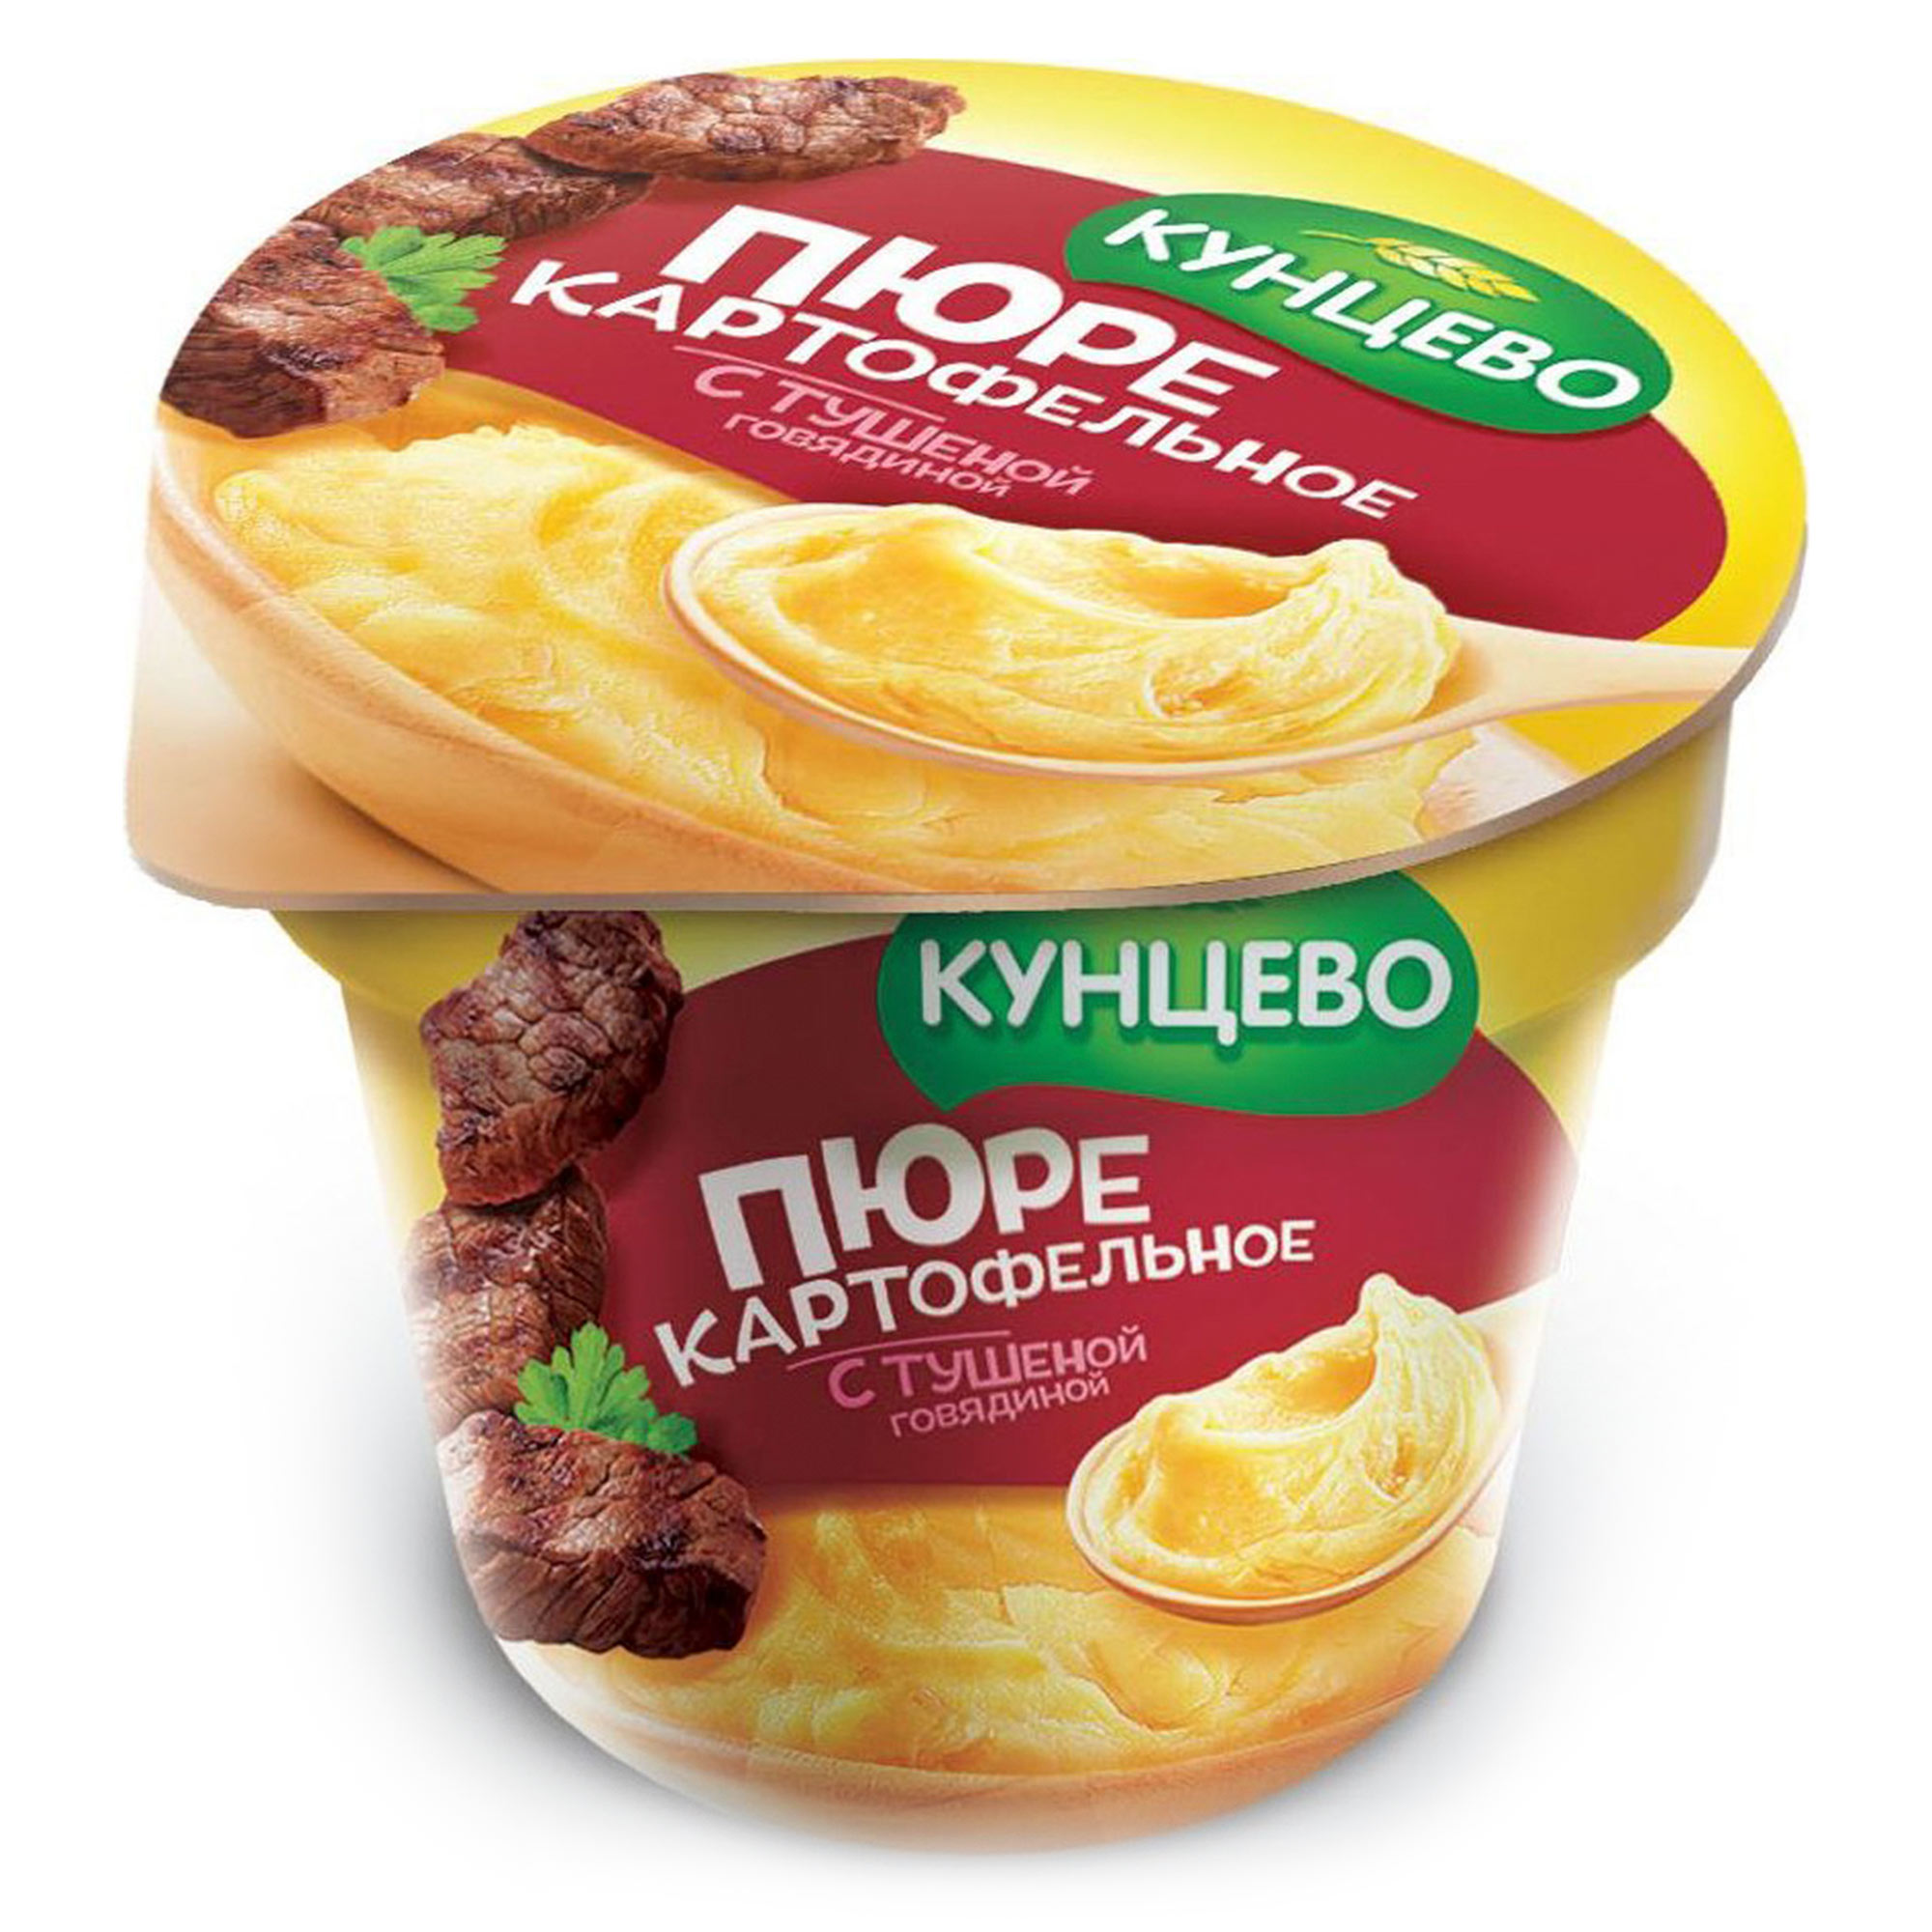 Картофельное пюре КУНЦЕВО cо вкусом тушеной говядины 40 г